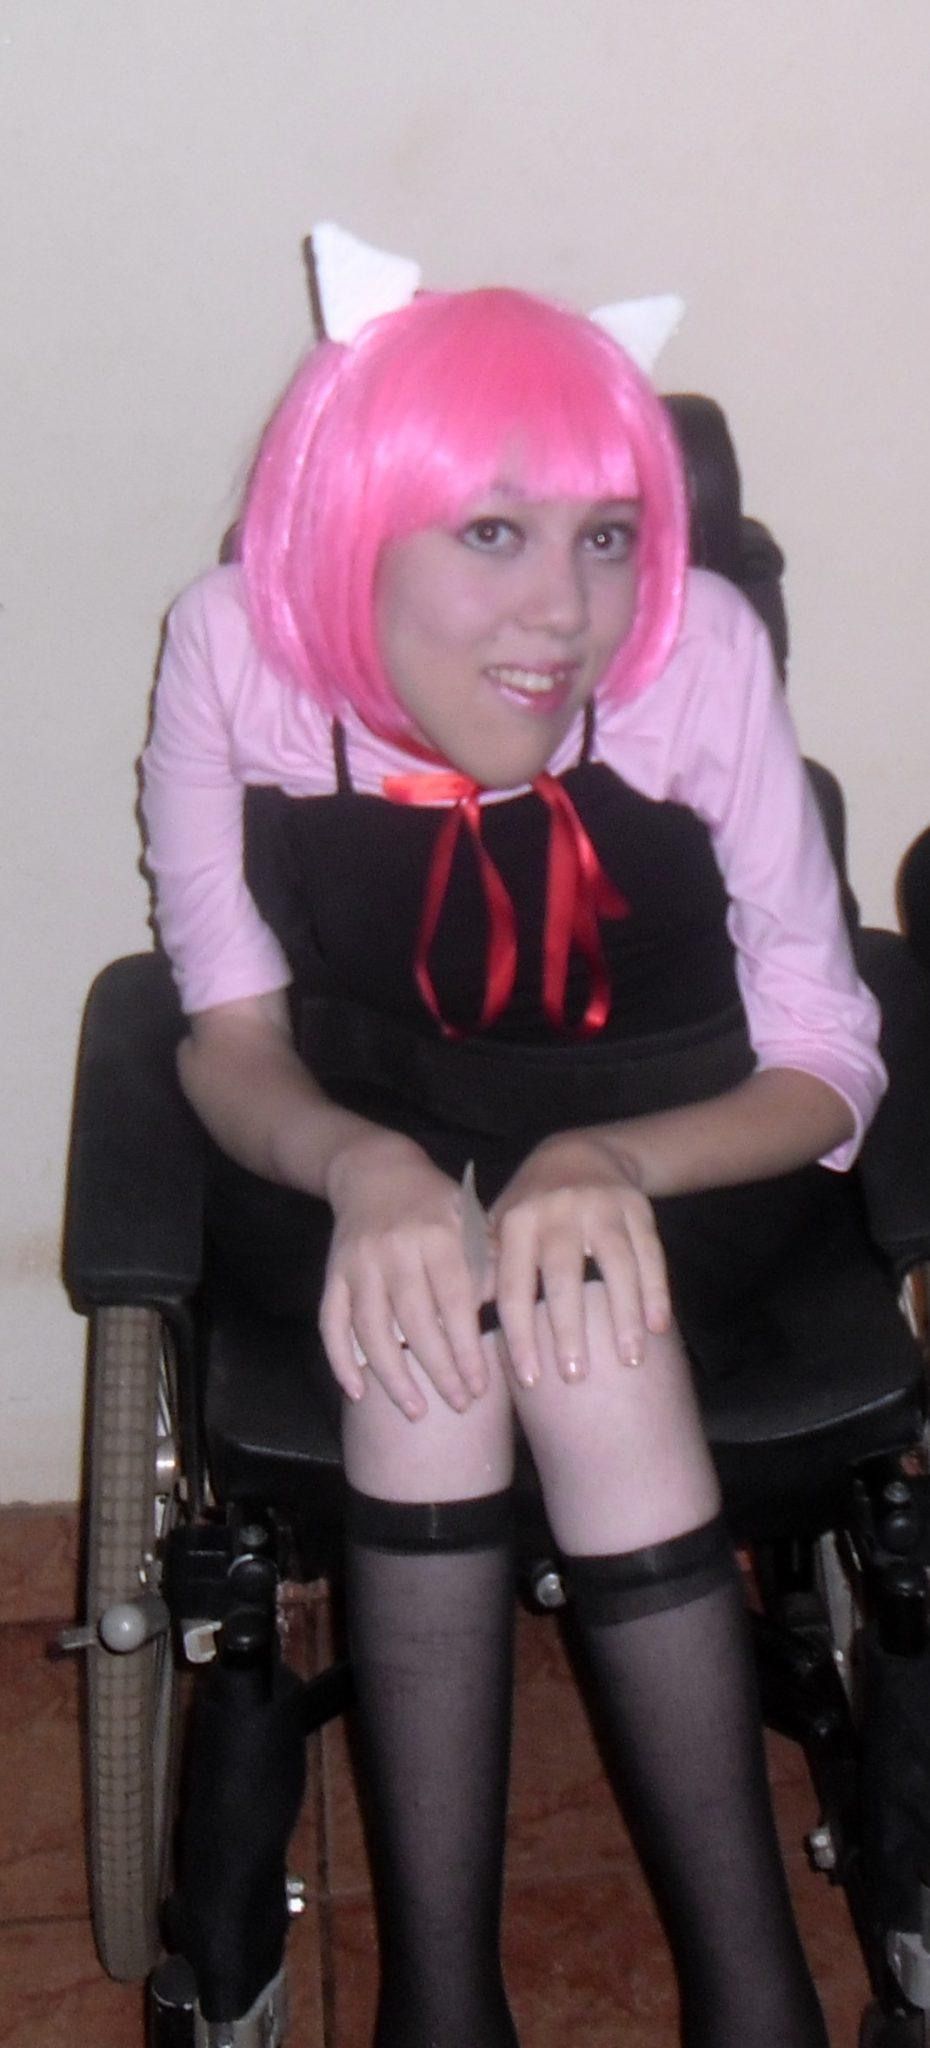 Graziela Maria com o cosplay de Lucy / Nyu de Elfen Lied